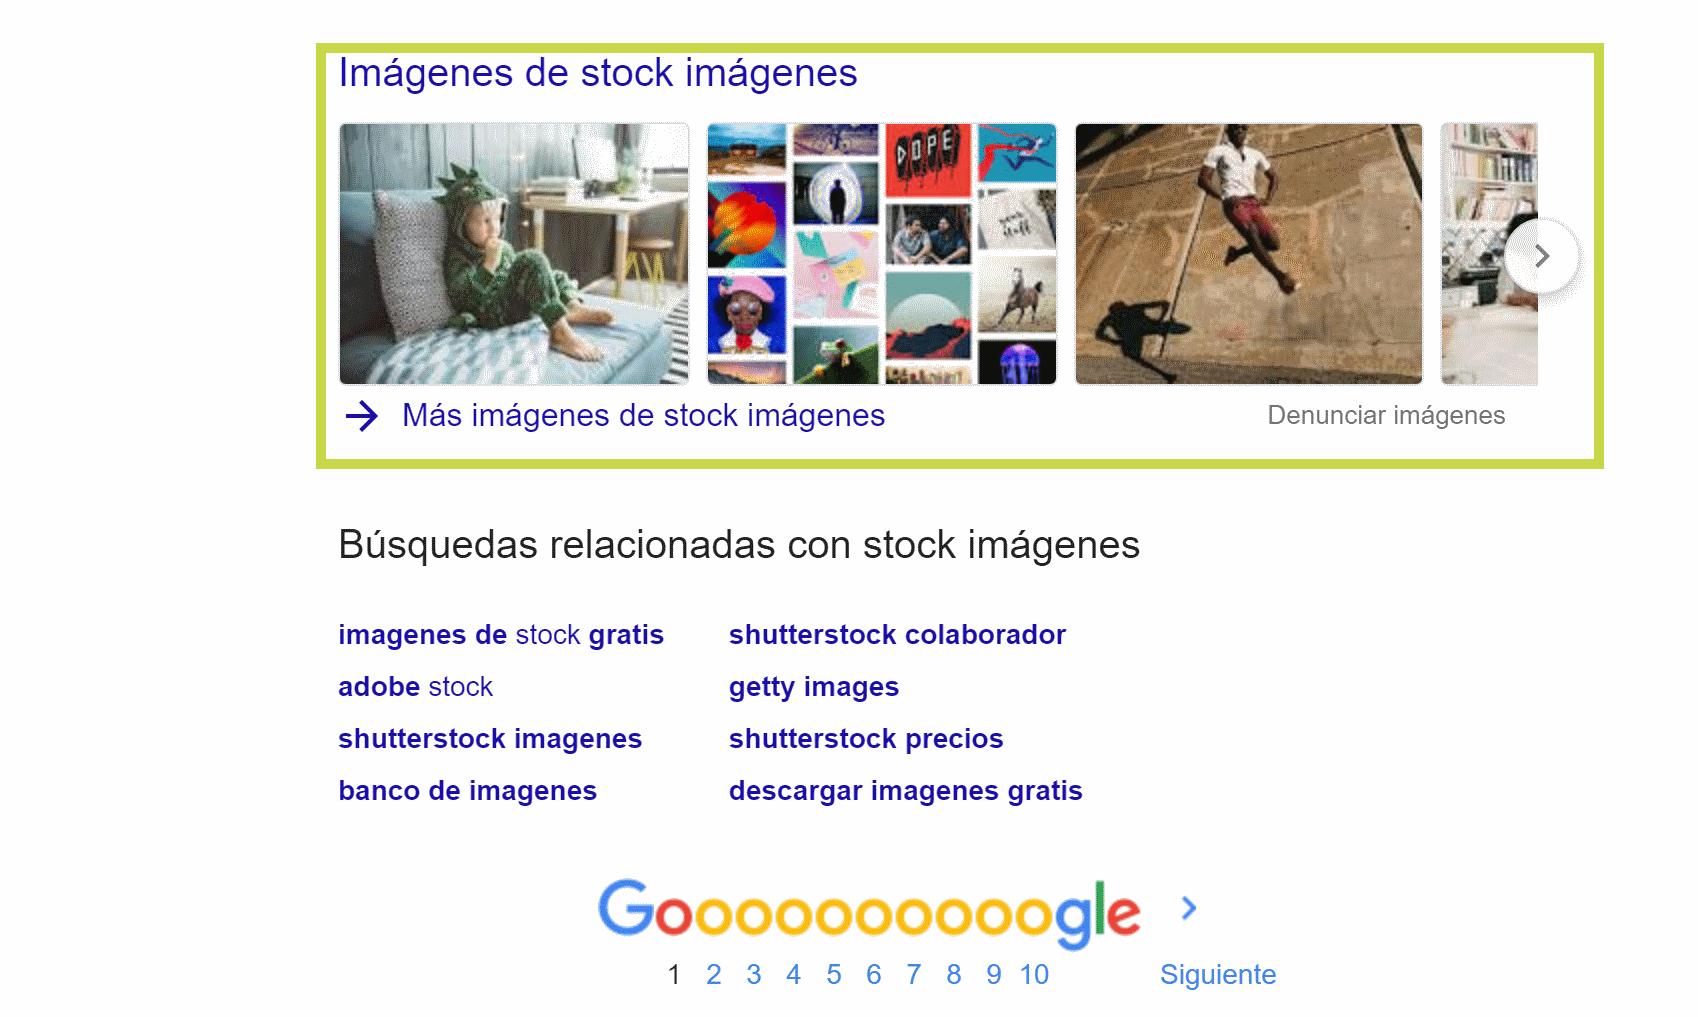 Imágenes de universal search tras realizar la búsqueda Stock imágenes en Google.es